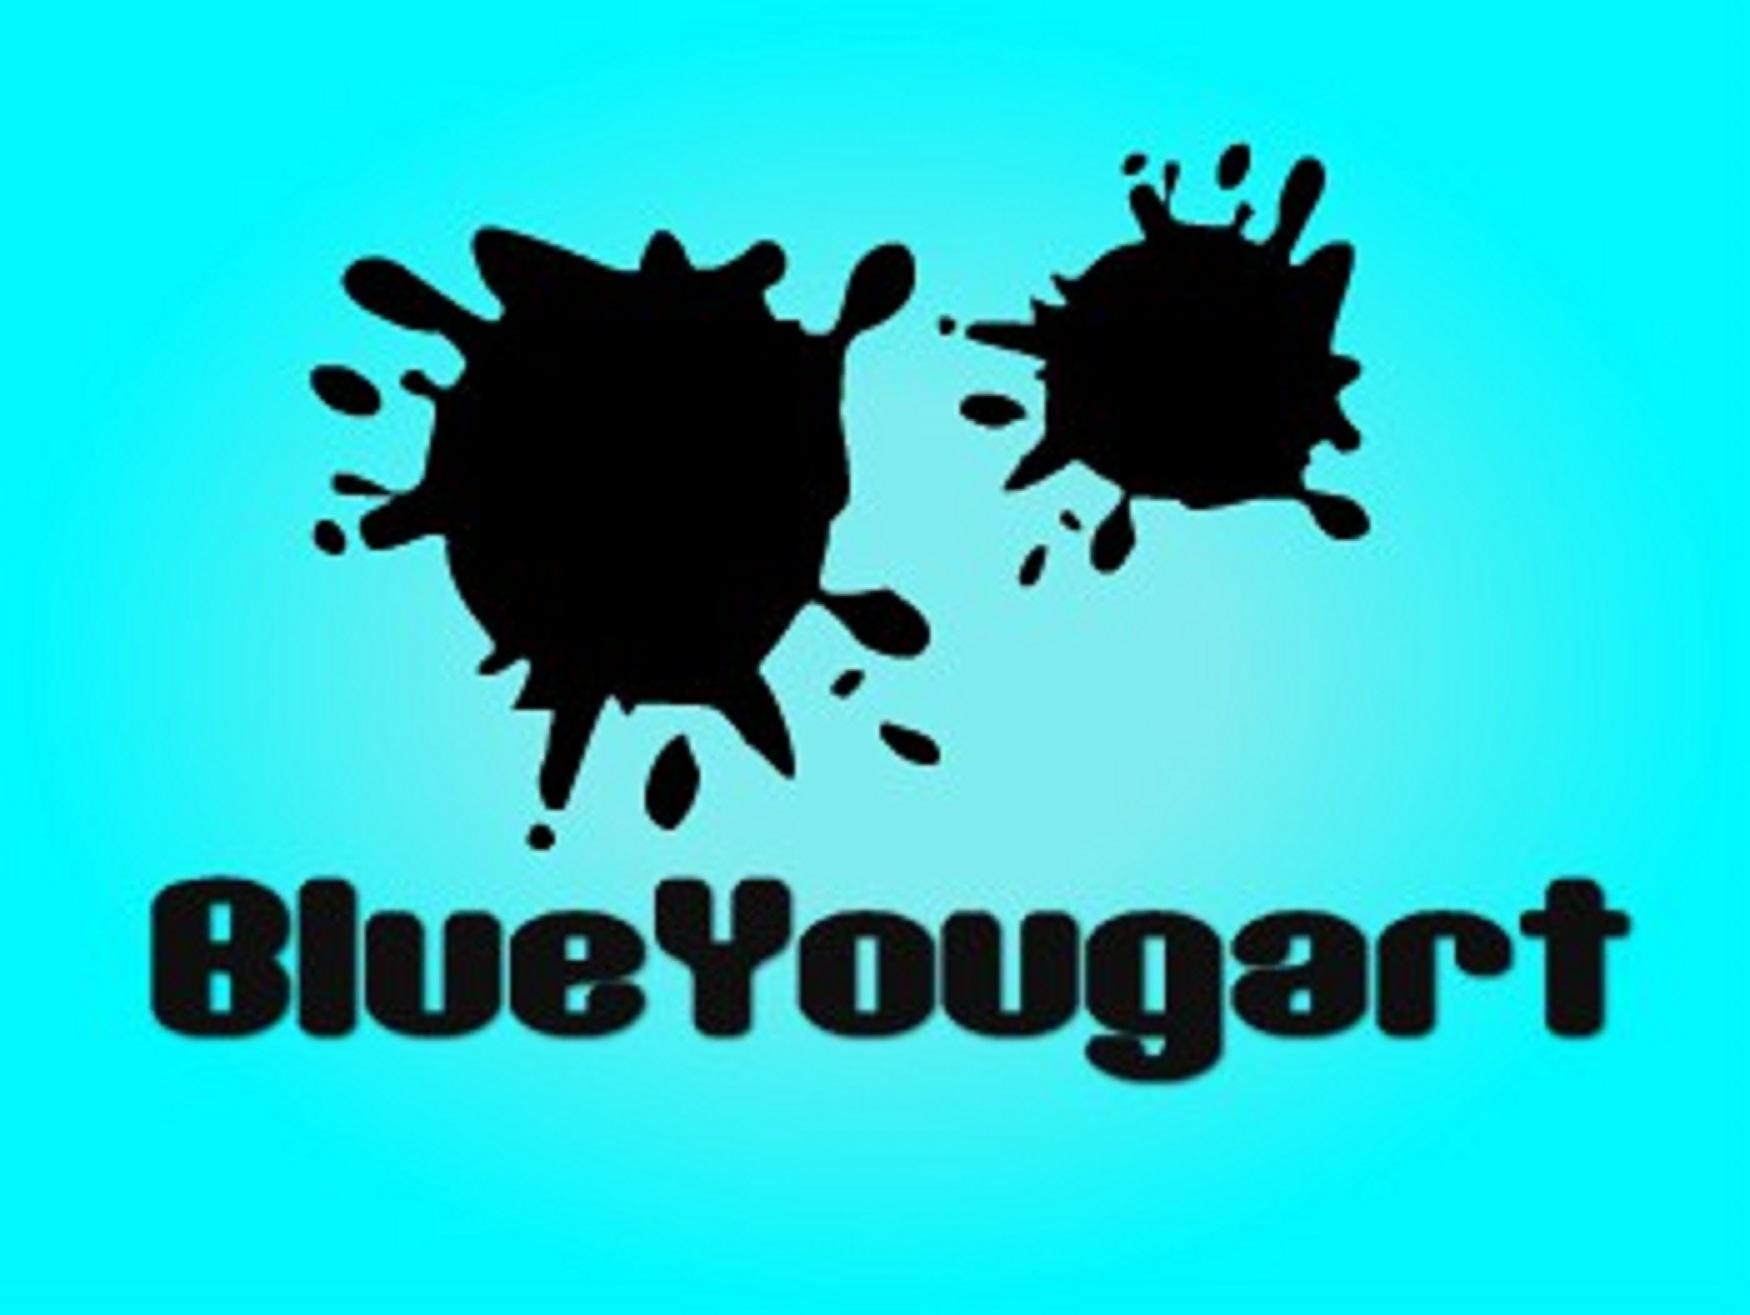 BlueYougart